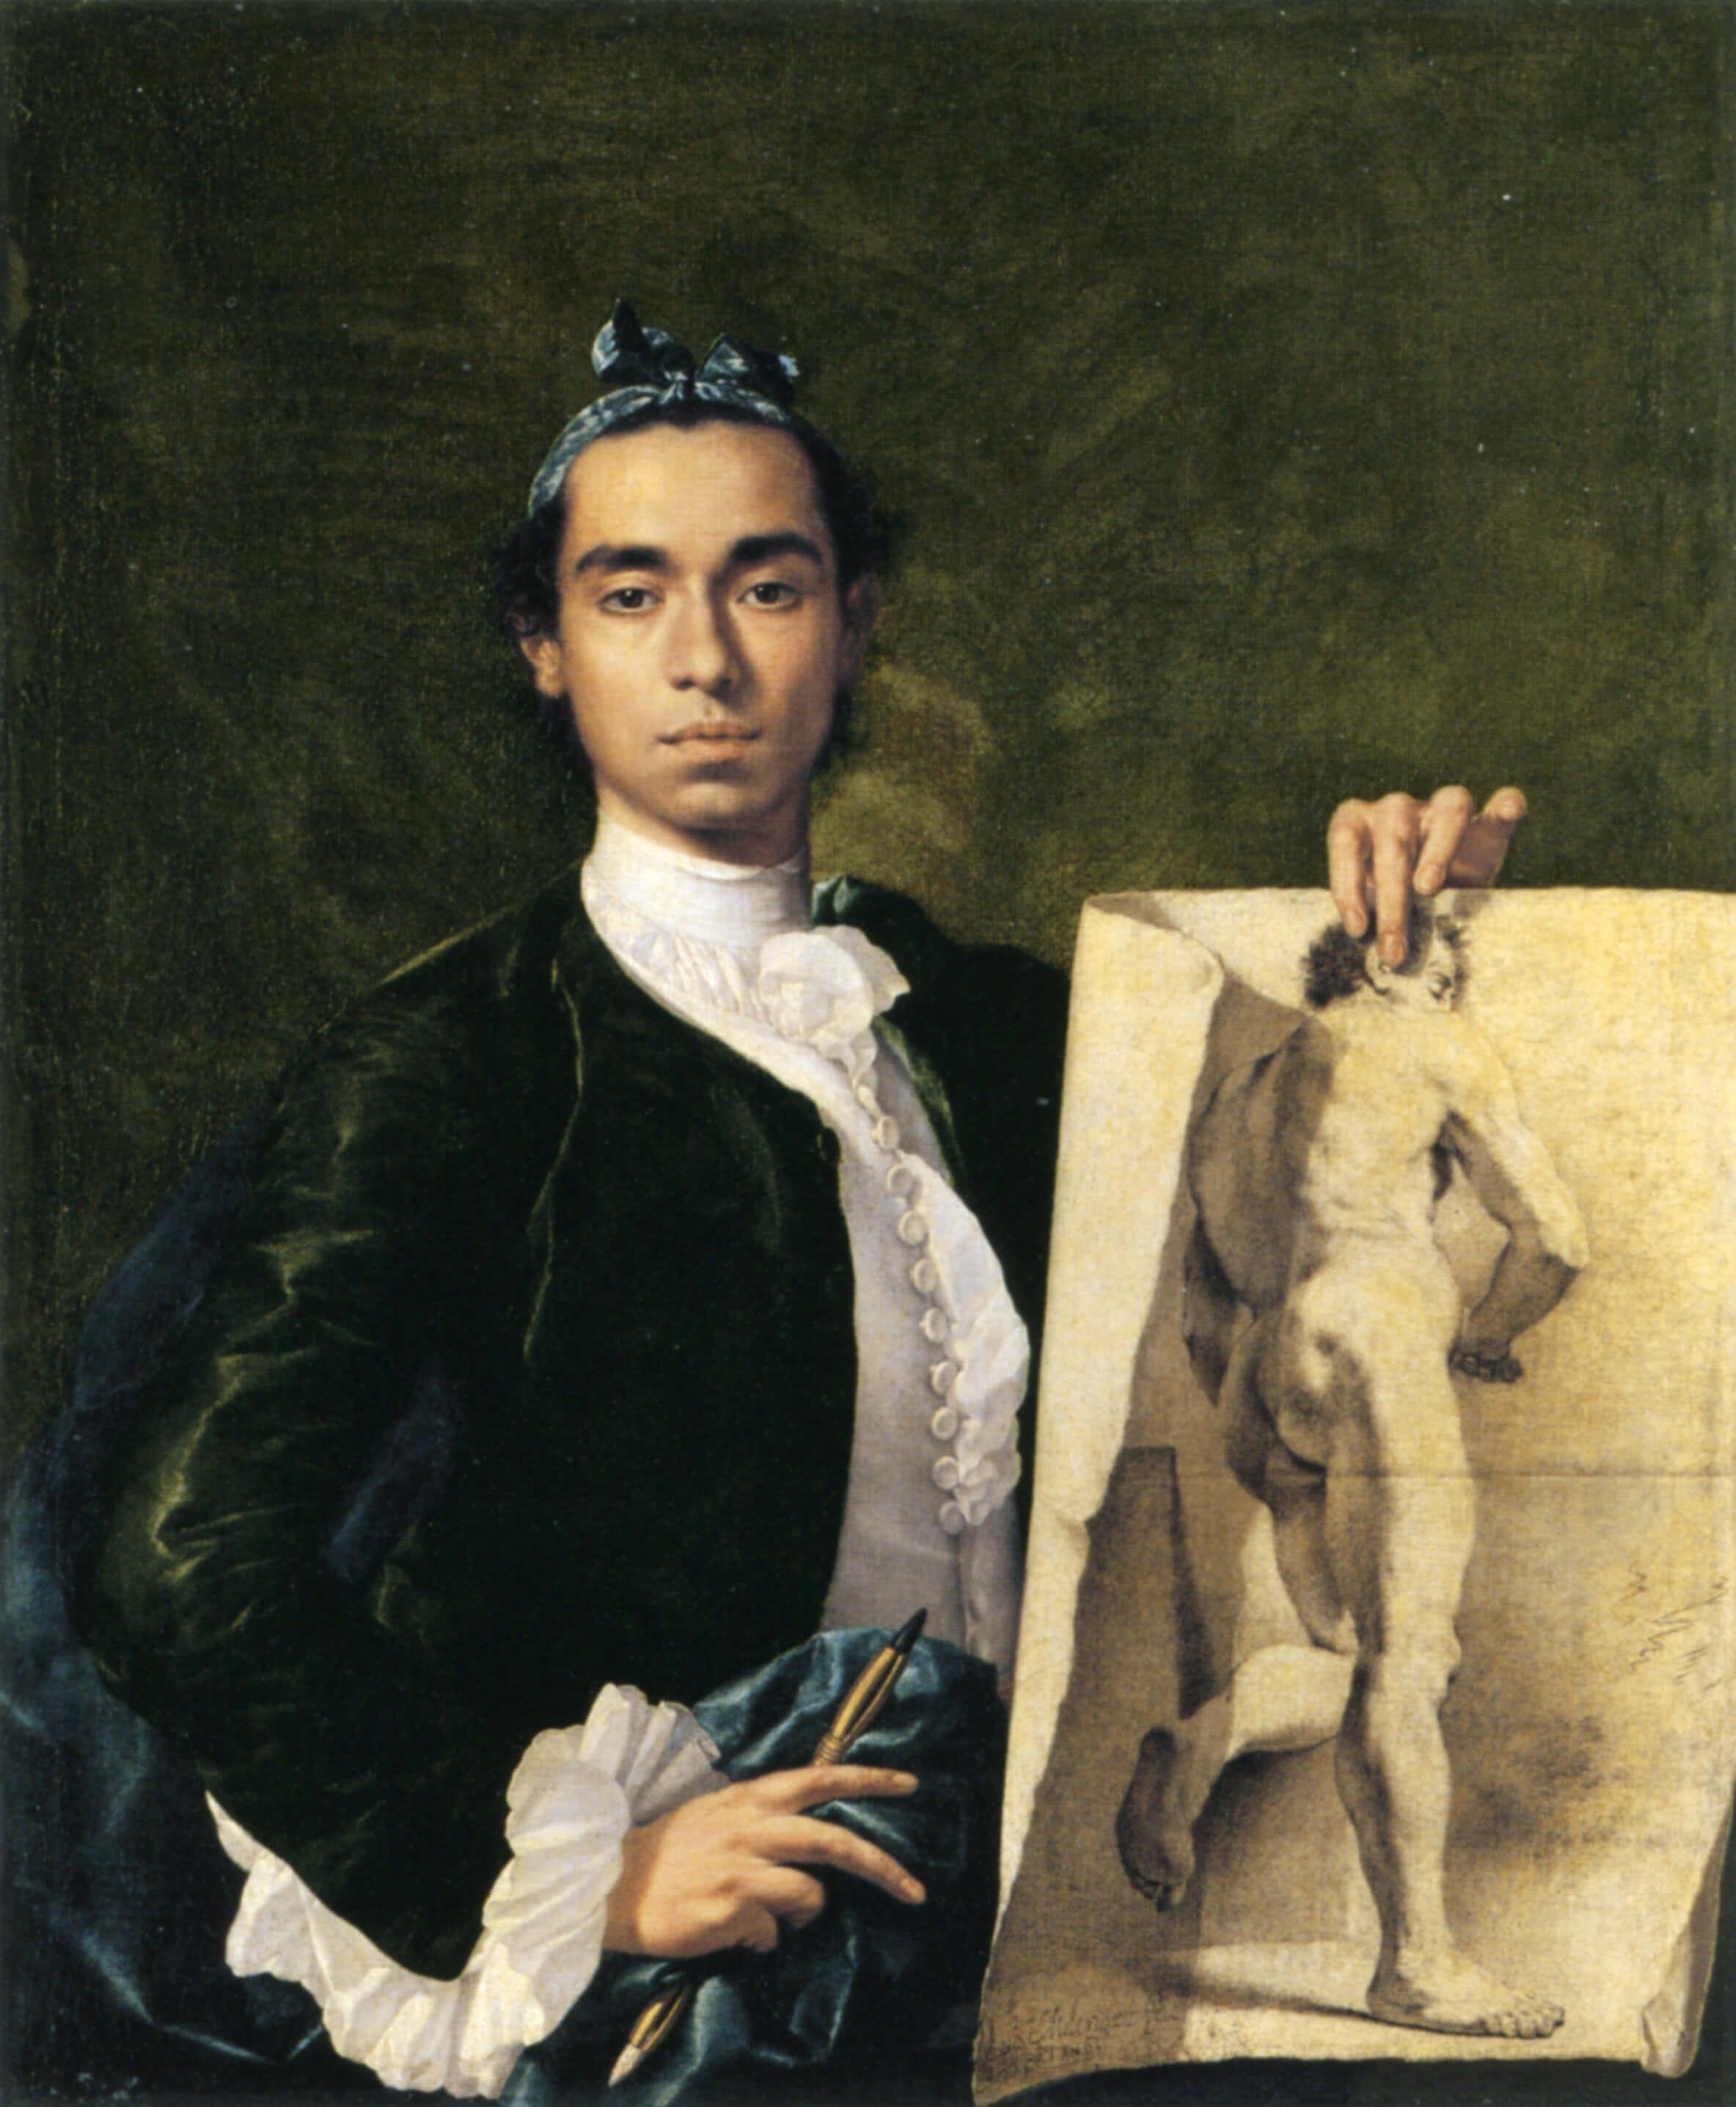 Self-portrait Holding an Academic Study, Luis Meléndez